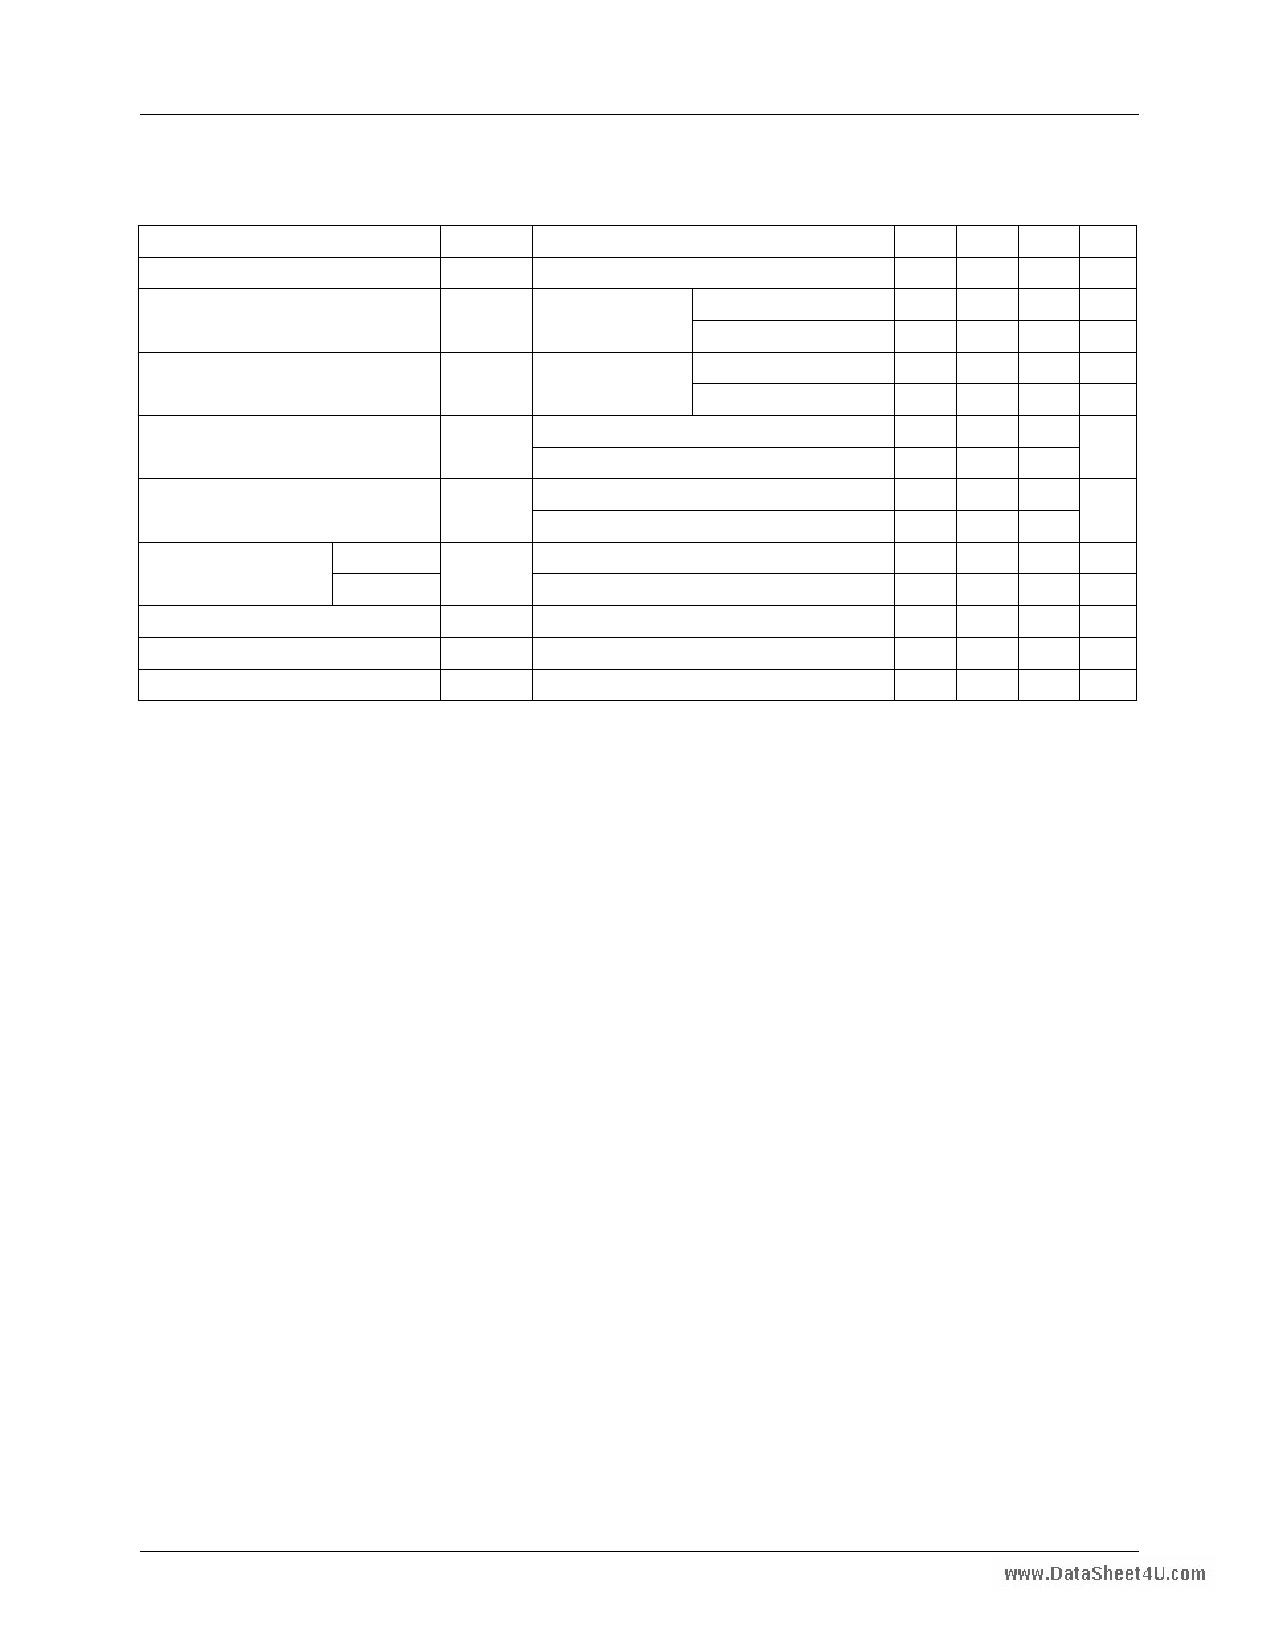 KA79L08A pdf, ピン配列